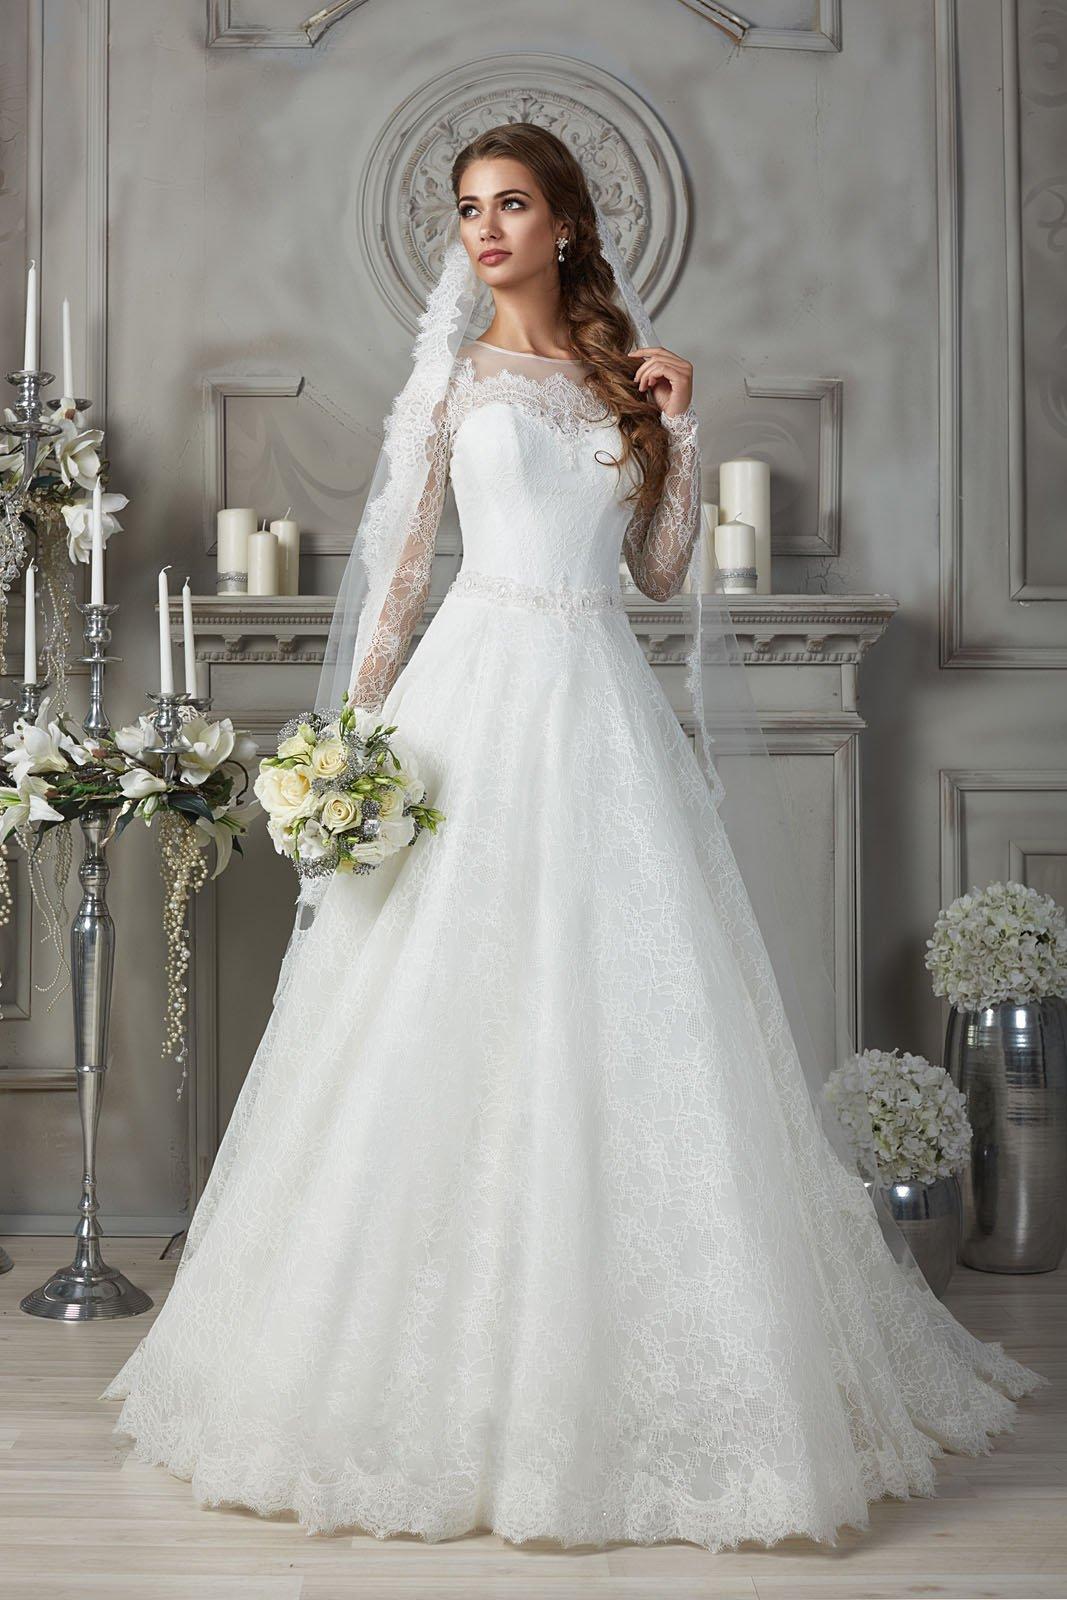 Закрытое свадебное платье из фактурной ажурной ткани.